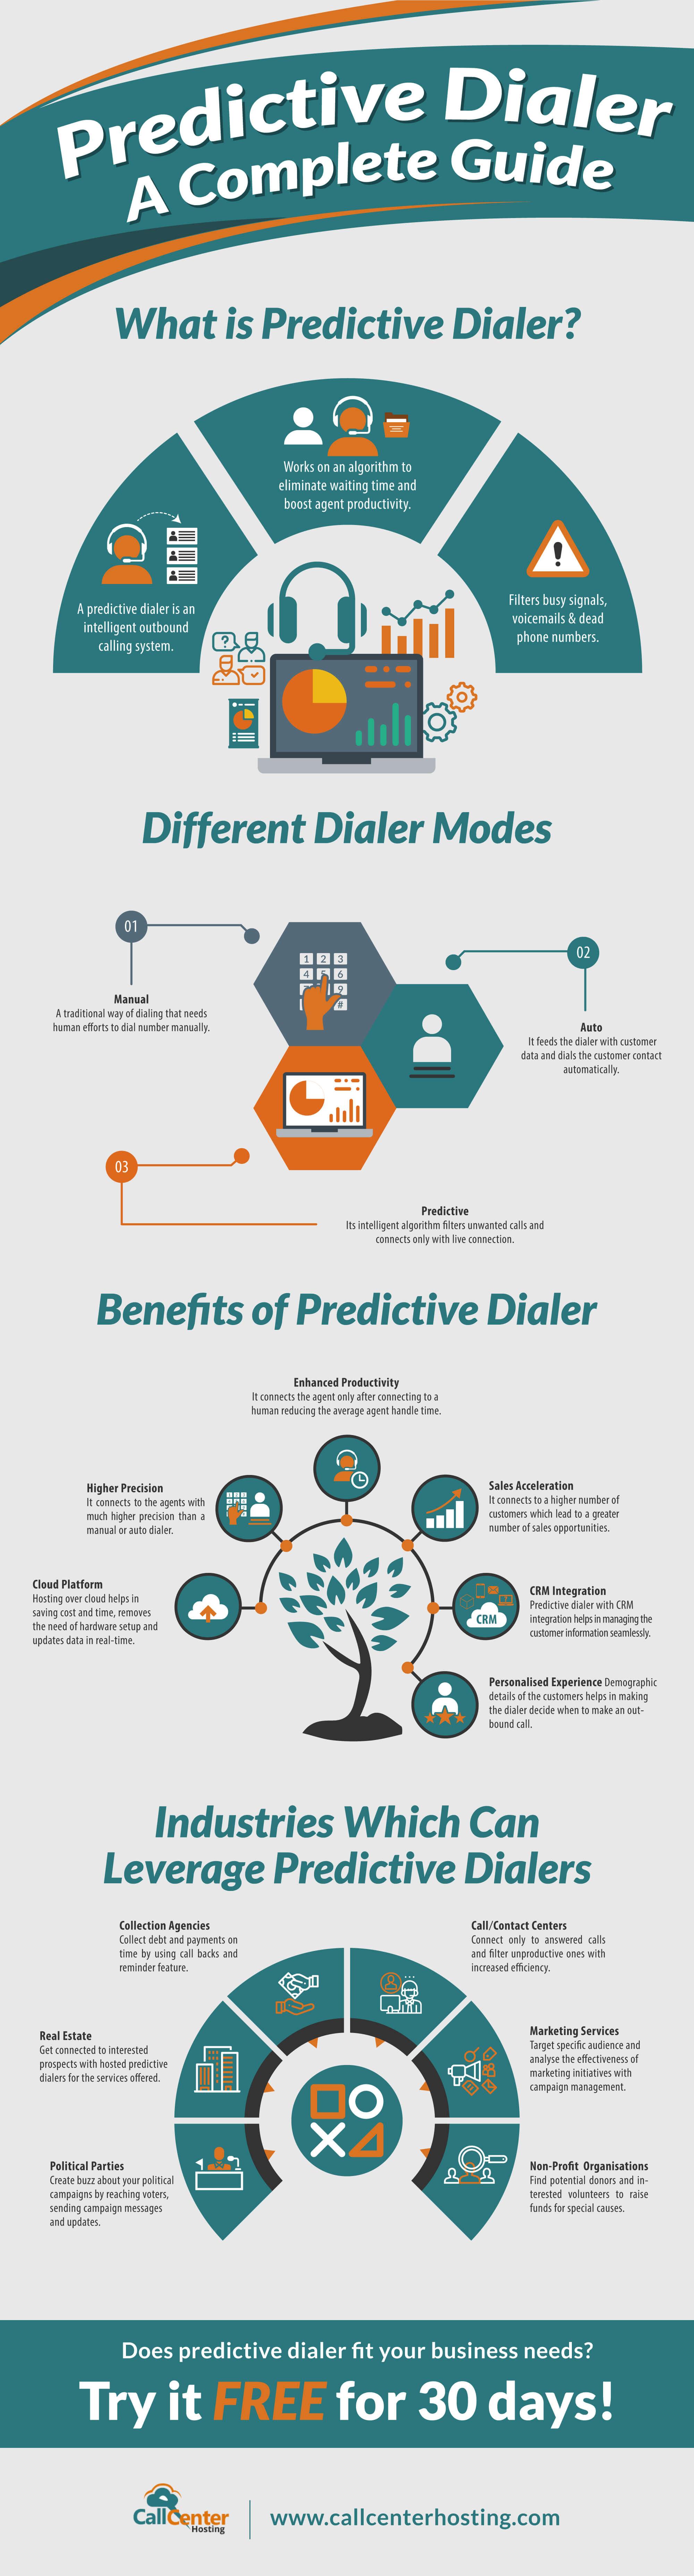 Predictive Dialer Complete Guide